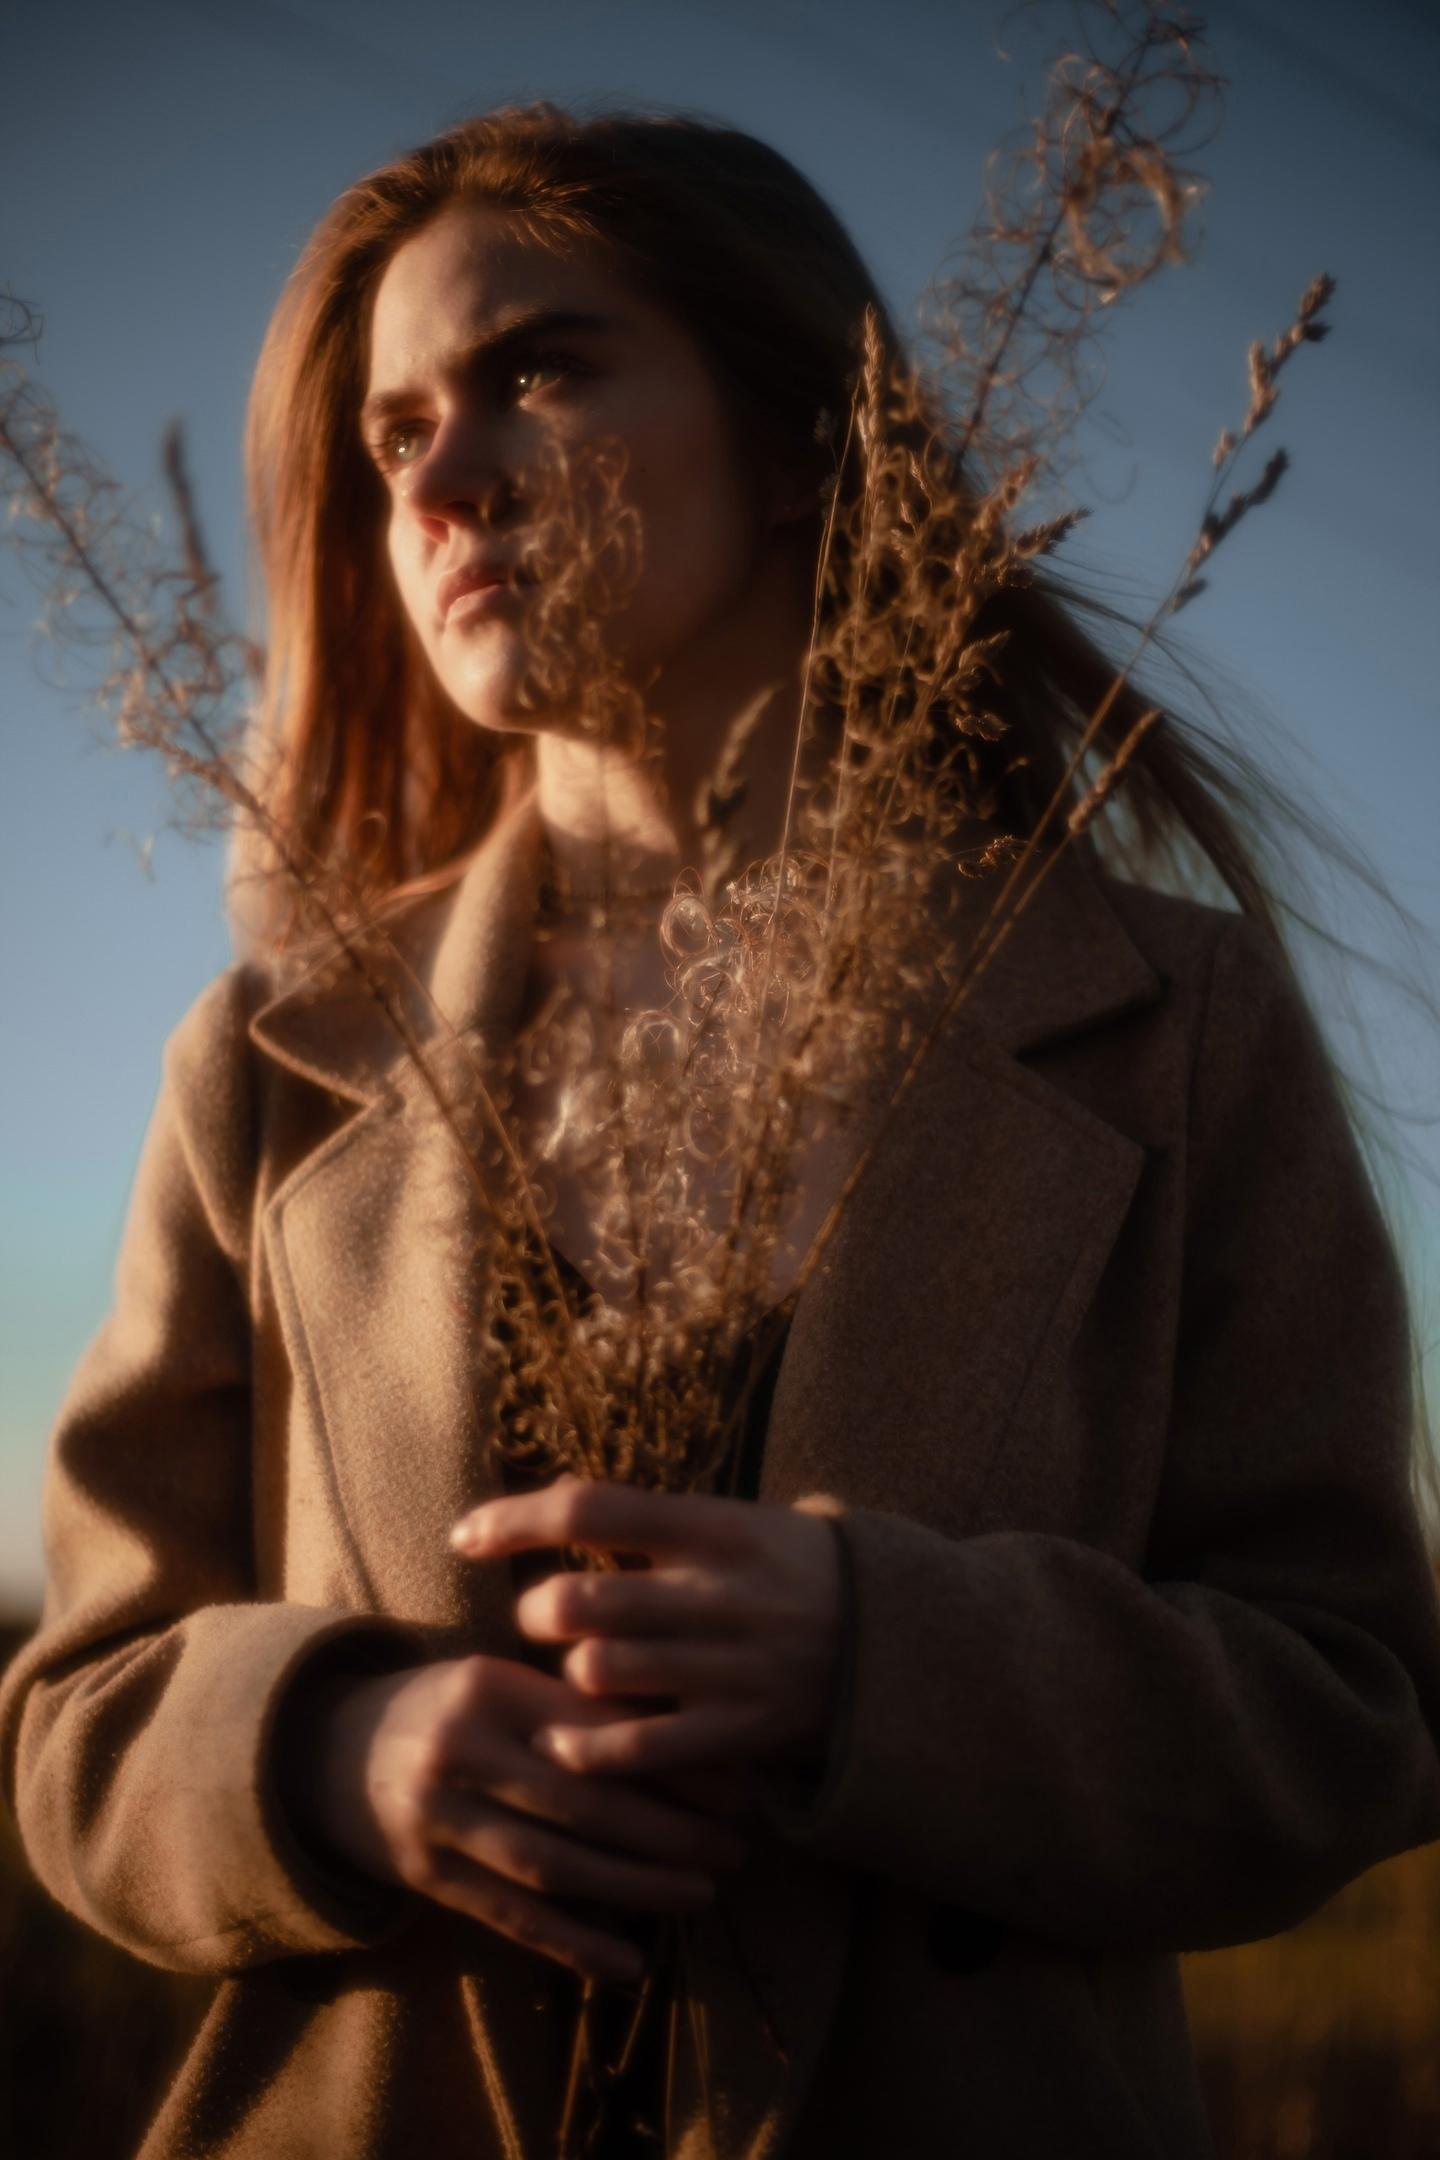 https://www.youngfolks.ru/pub/model-nastya-kozhevnikova-photographer-mariya-fedotova